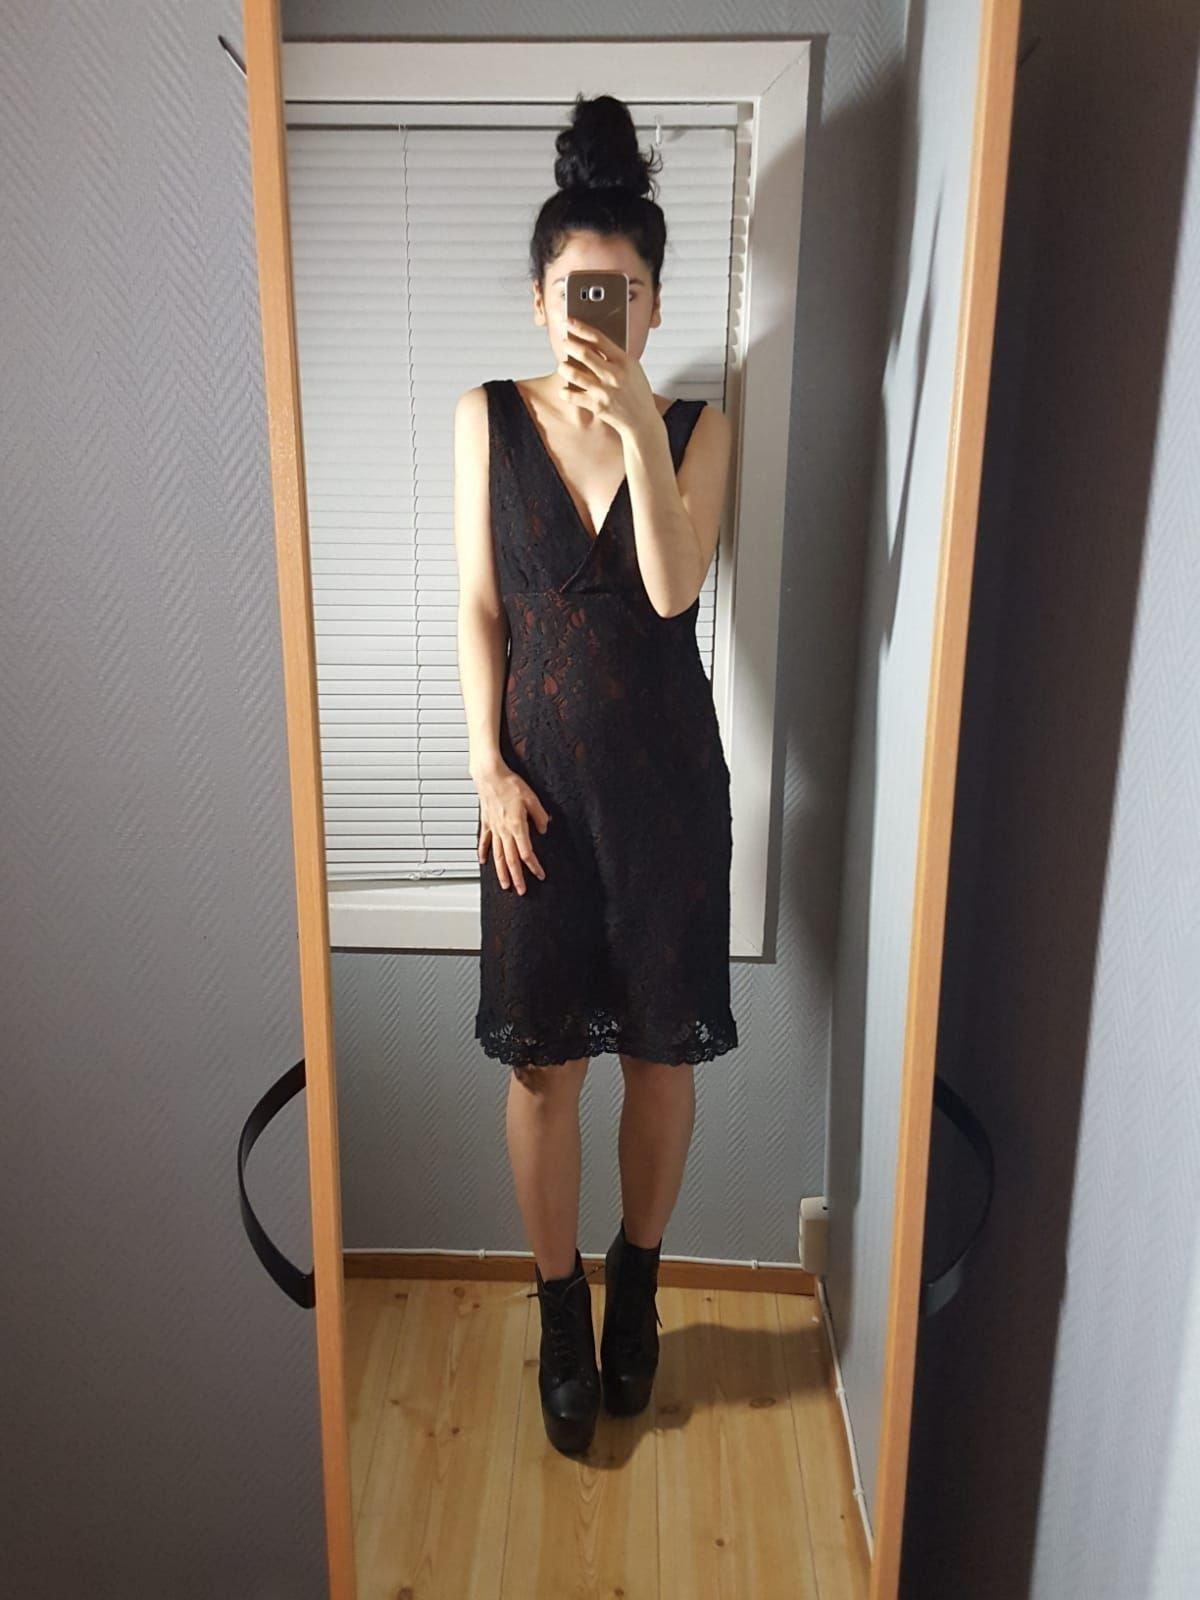 9abf529e10a7 Figurnära Svart spetsklänning Coctail/Fest (349790462) ᐈ Köp på Tradera